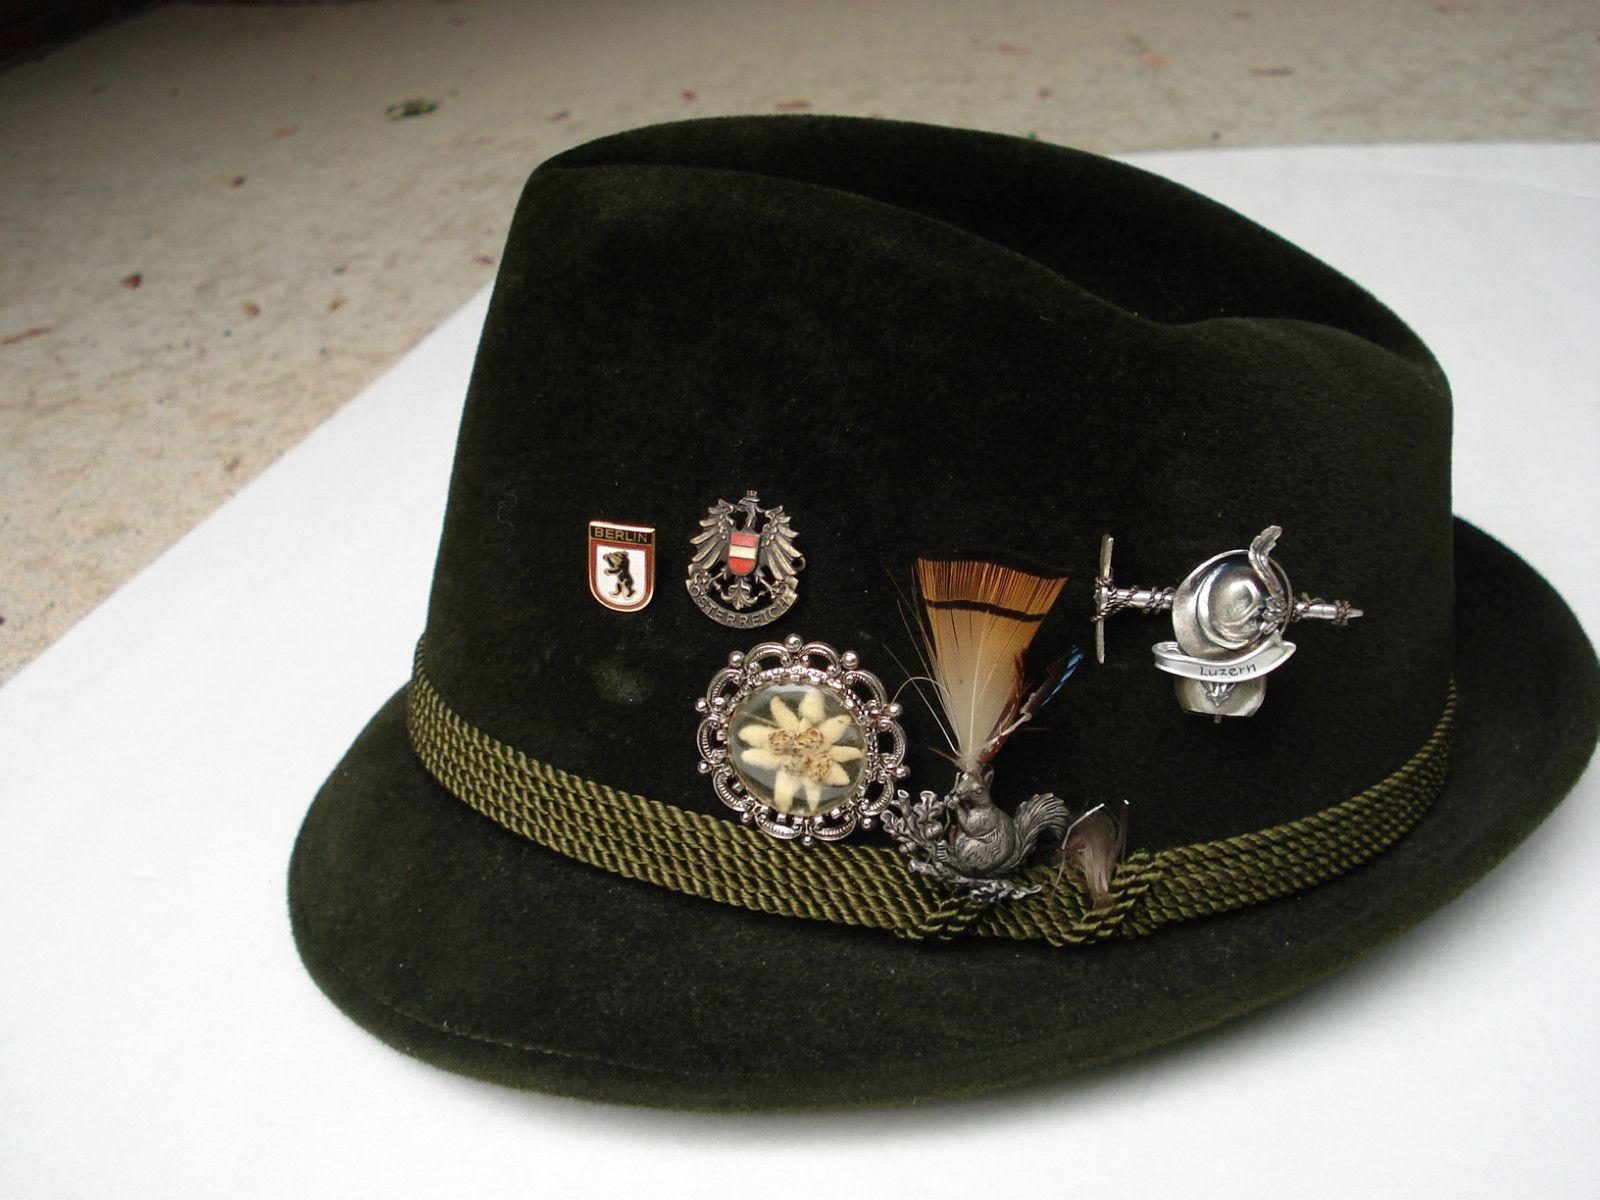 a4a8552ad Tyrolean hat | Trachten, Dirndl.....Heimat!! :) | Hats, Tirol ...